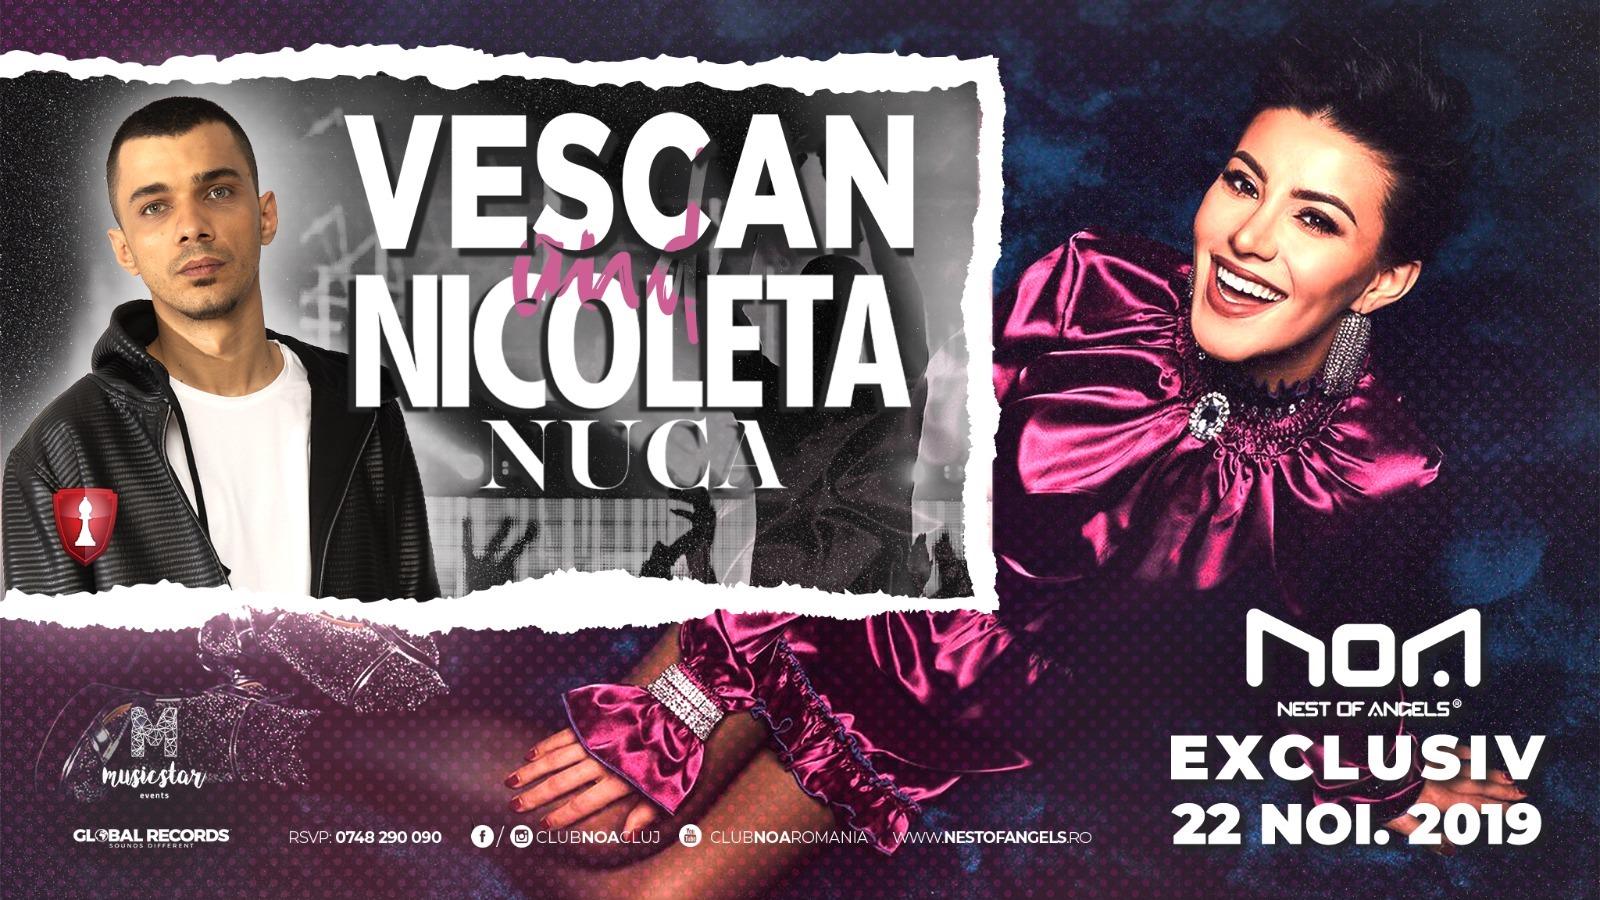 Vescan & Nicoleta Nucă @ Club NOA